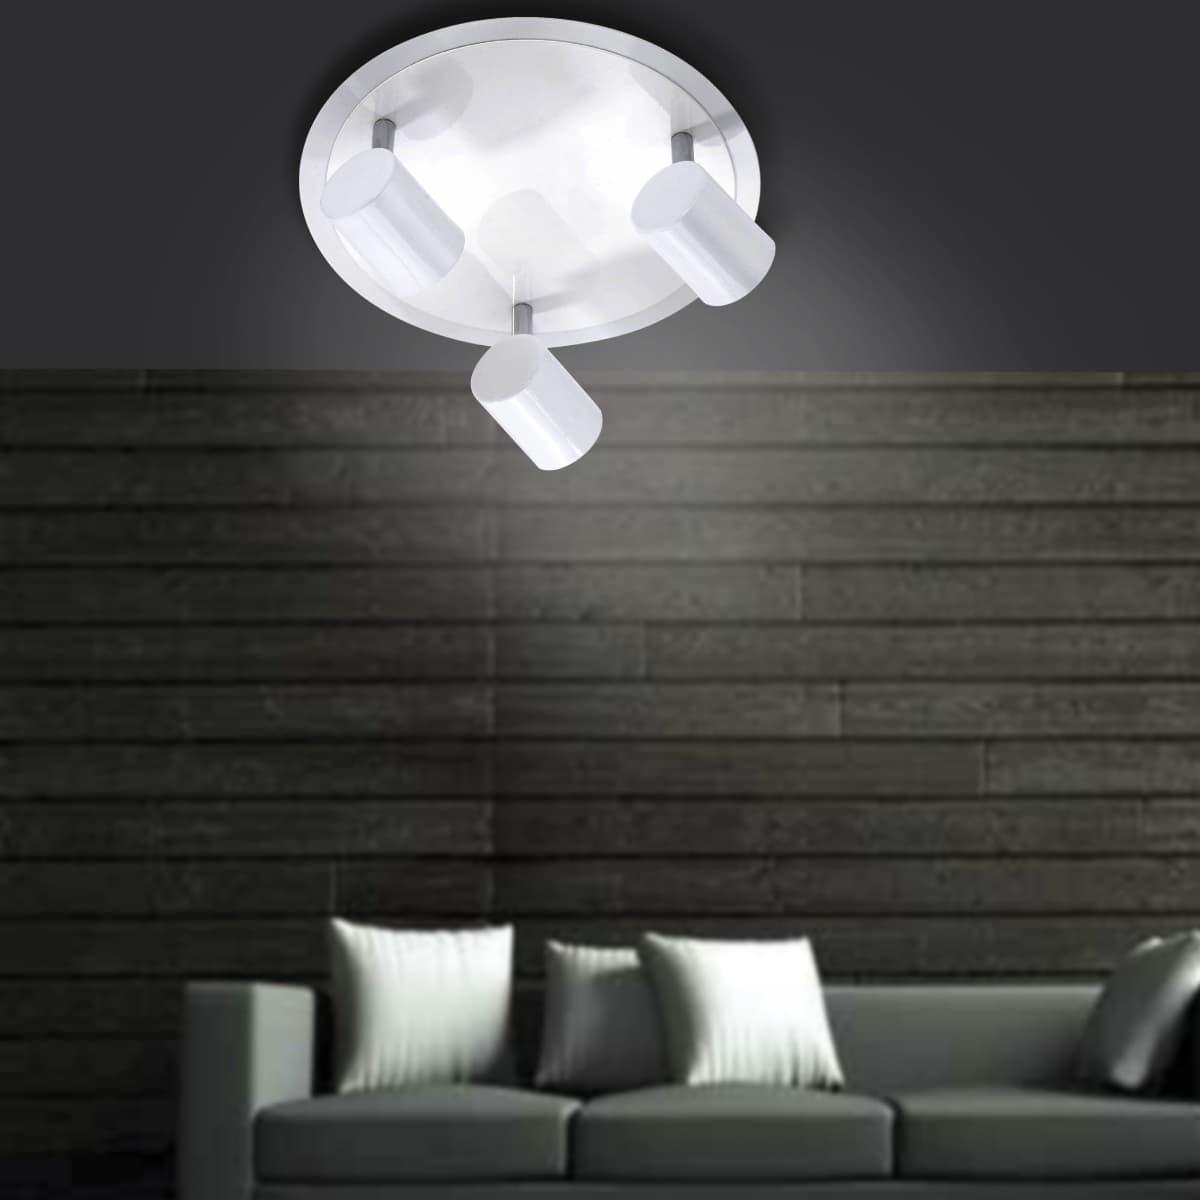 LED Deckenleuchte, rund, weiß